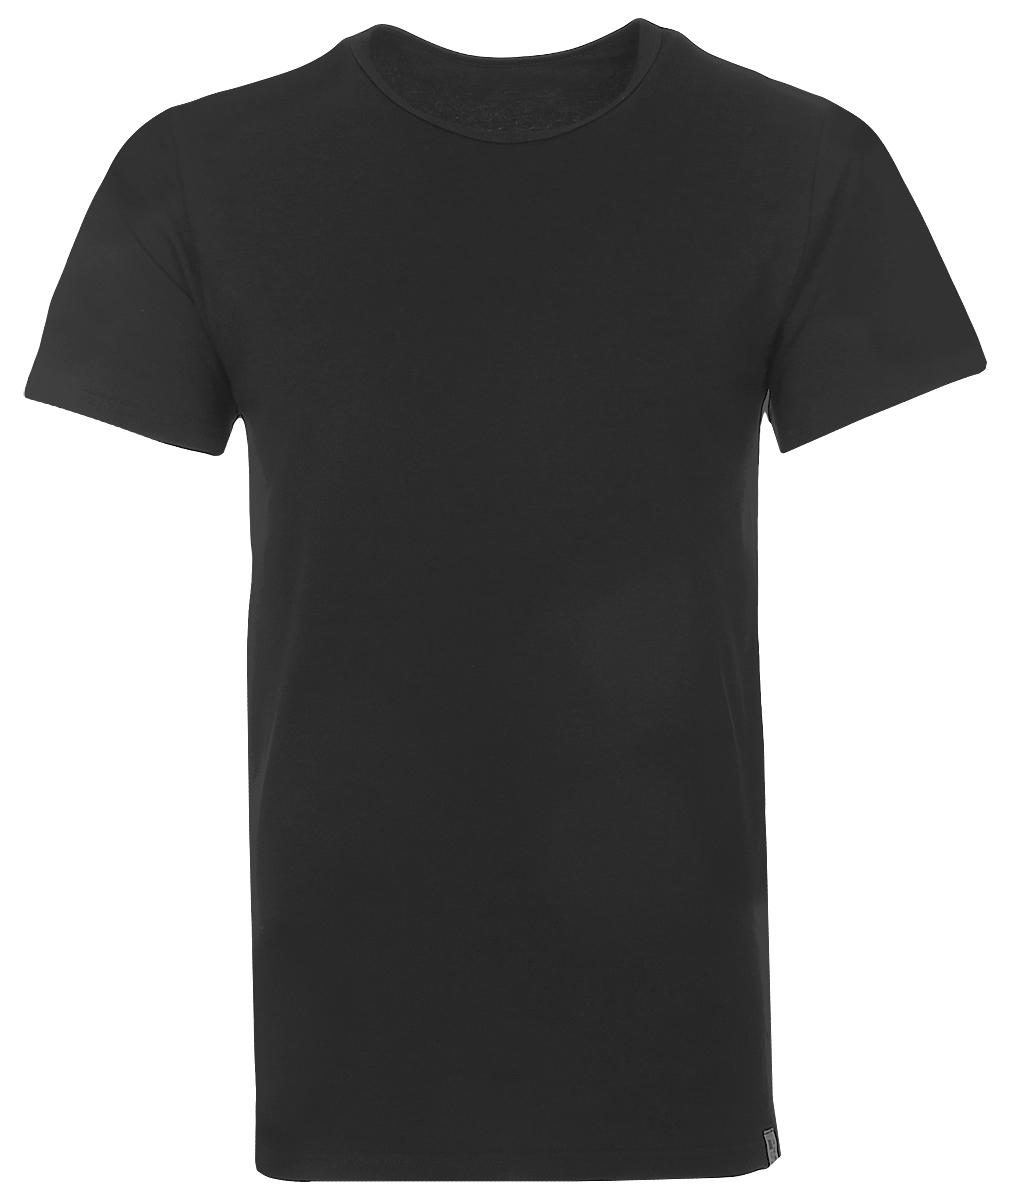 Футболка мужская Griff, цвет: черный. U01321. Размер XXL (52)U01321Мужская футболка Griff с короткими рукавами и круглым вырезом горловины выполнена из хлопка с добавлением эластана. Однотонная футболка великолепно тянется, не сковывает движения и превосходно сидит.